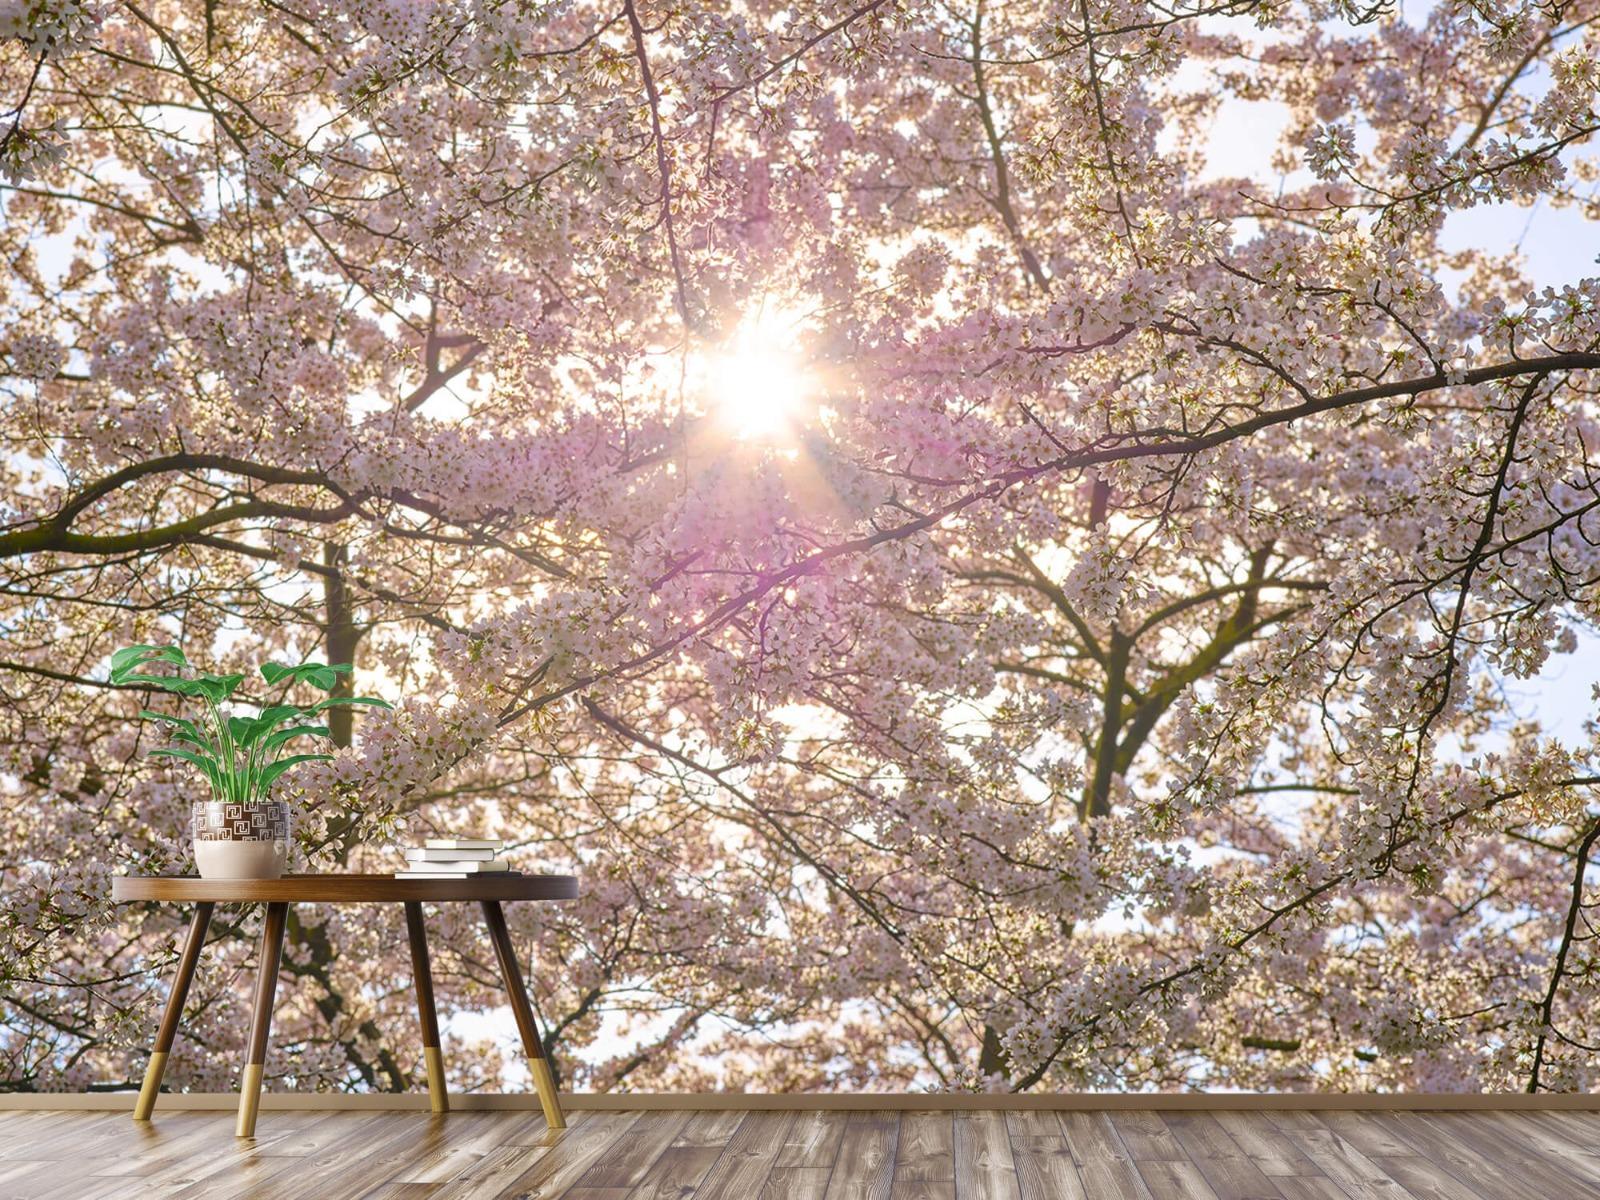 Zon - Bloesem in de zon - Woonkamer 3